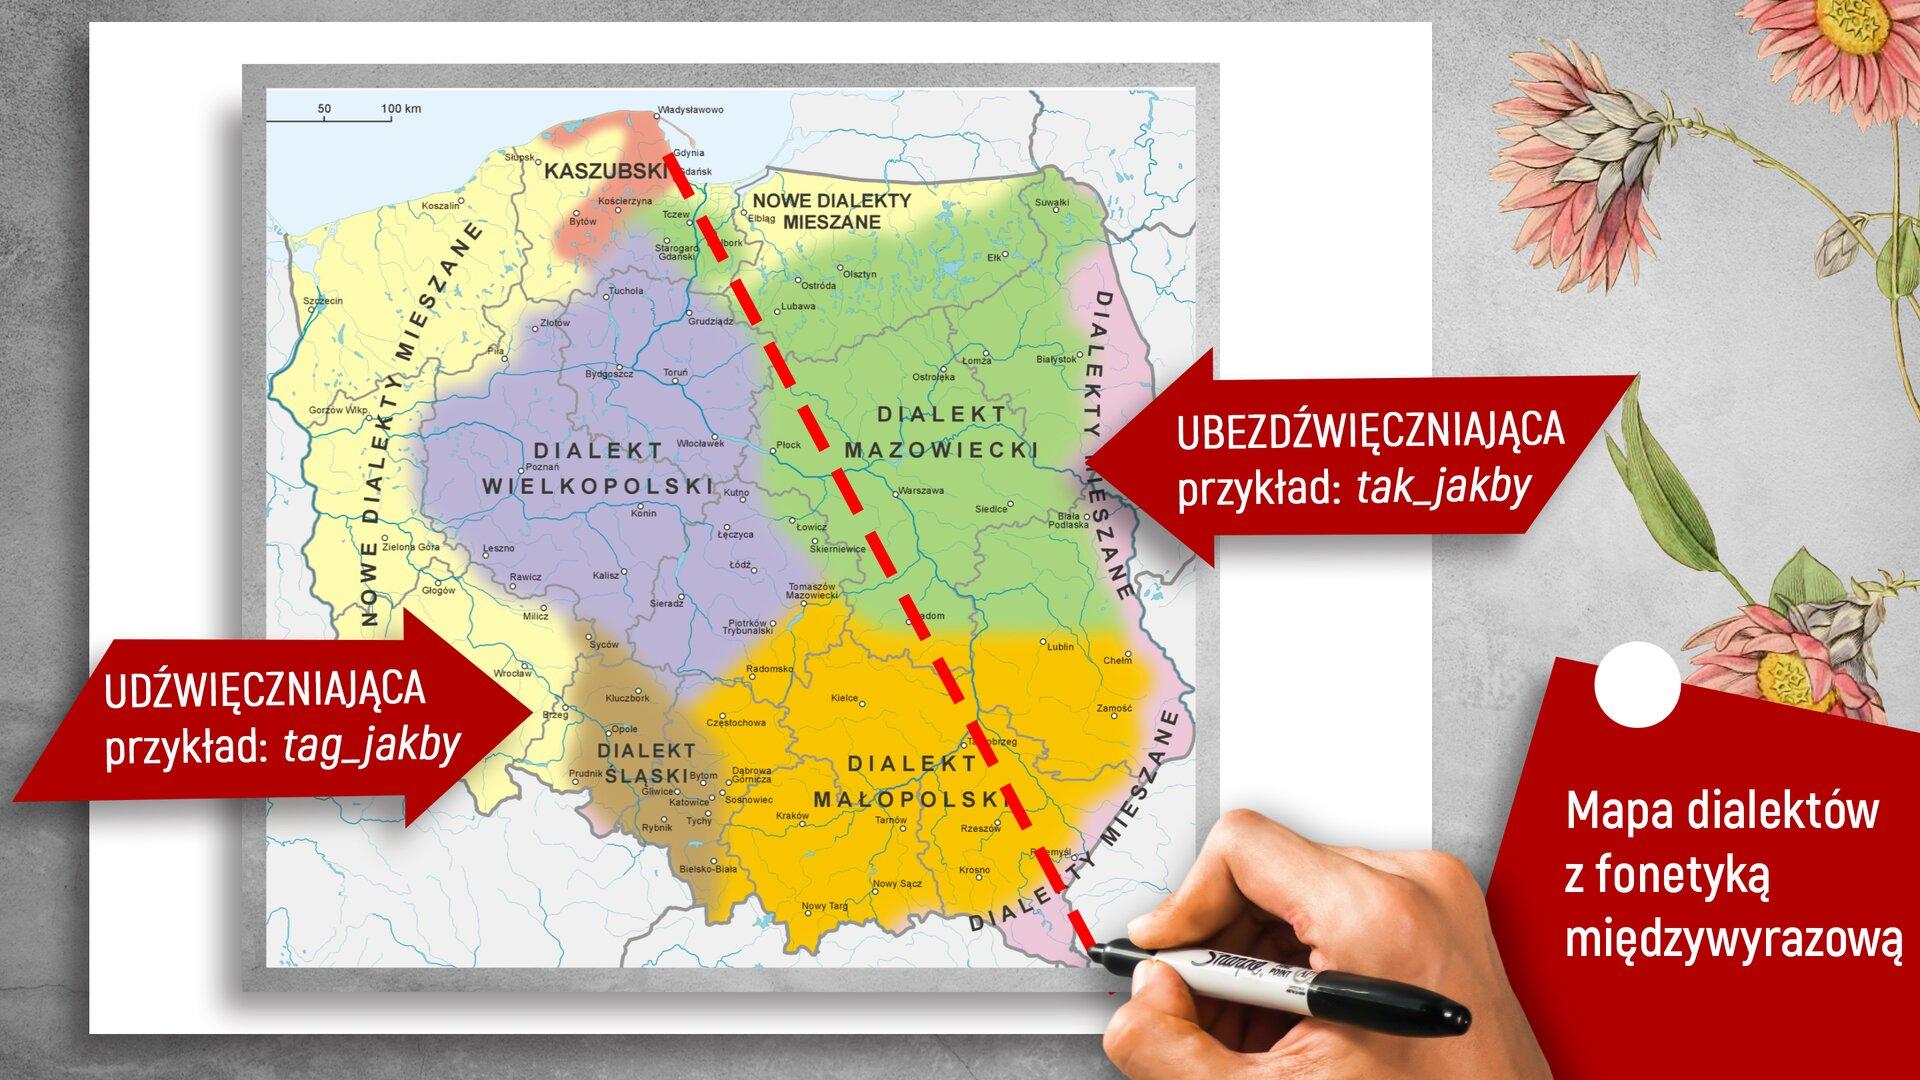 """Ilustracja przedstawia mapę Polski podzieloną na dialekty. Każdy znich jest oznaczony innym kolorem. Mapa jest również przedzielona ukośną przerywaną kreską. Wlewej części znajduje się czerwona strzałka znapisem: """"UDŹWIĘCZNIENIAJĄCA przykład: tag_jakby"""", apo drugiej stronie taka sama strzałka, ale znapisem: """"UBEZDŹWIĘCZNIAJĄCA przykład: tak_jakby"""". Wprawym dolnym rogu umieszczono czerwony czworobok, awnim napis: """"Mapa dialektów zfonetyką międzywyrazową""""."""